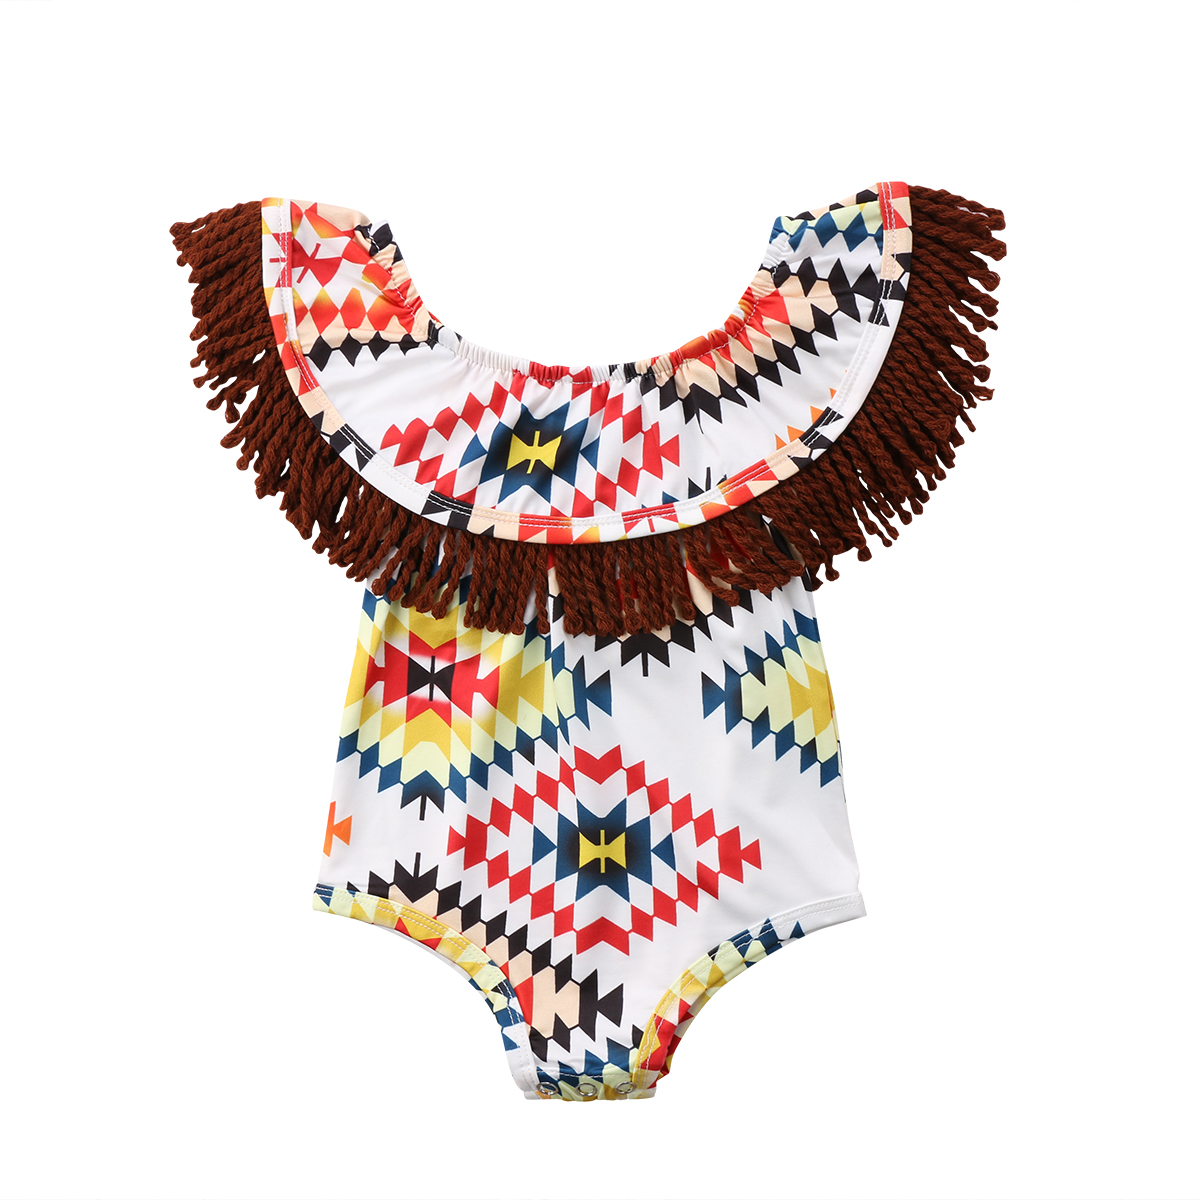 Pudcoco New Boho Newborn Baby Girls Floral Tassel Off shoulder Romper Summer Vintage infant Girls Jumpsuit